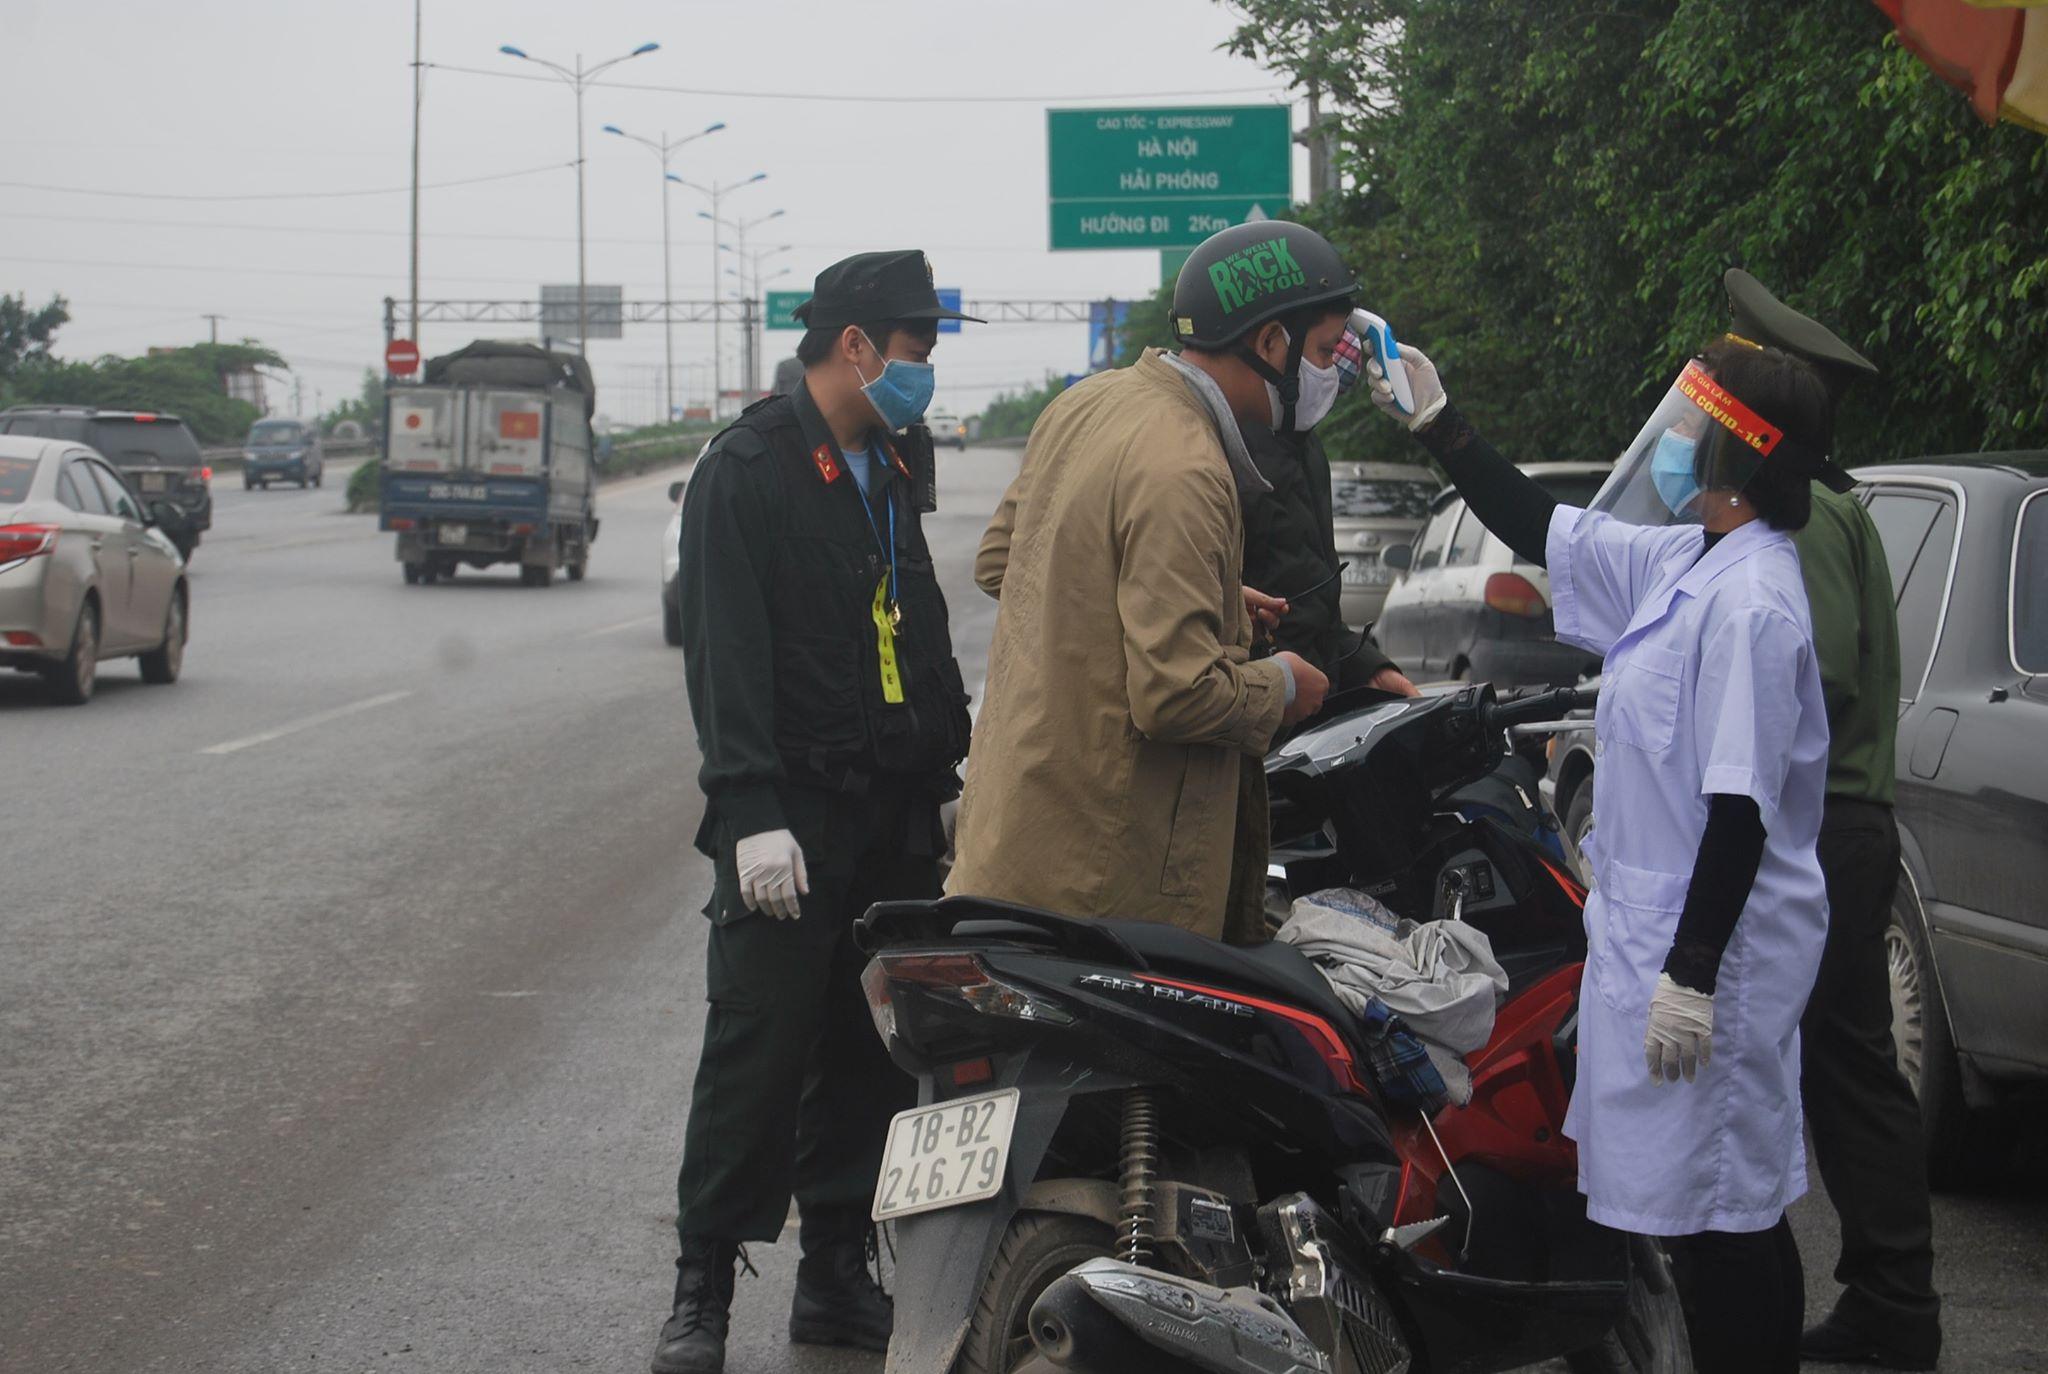 Lực lượng tại hốt 6 tại cầu Phủ Đổng, cao tốc Hà Nội – Lạng Sơn đang làm nhiệm vụ